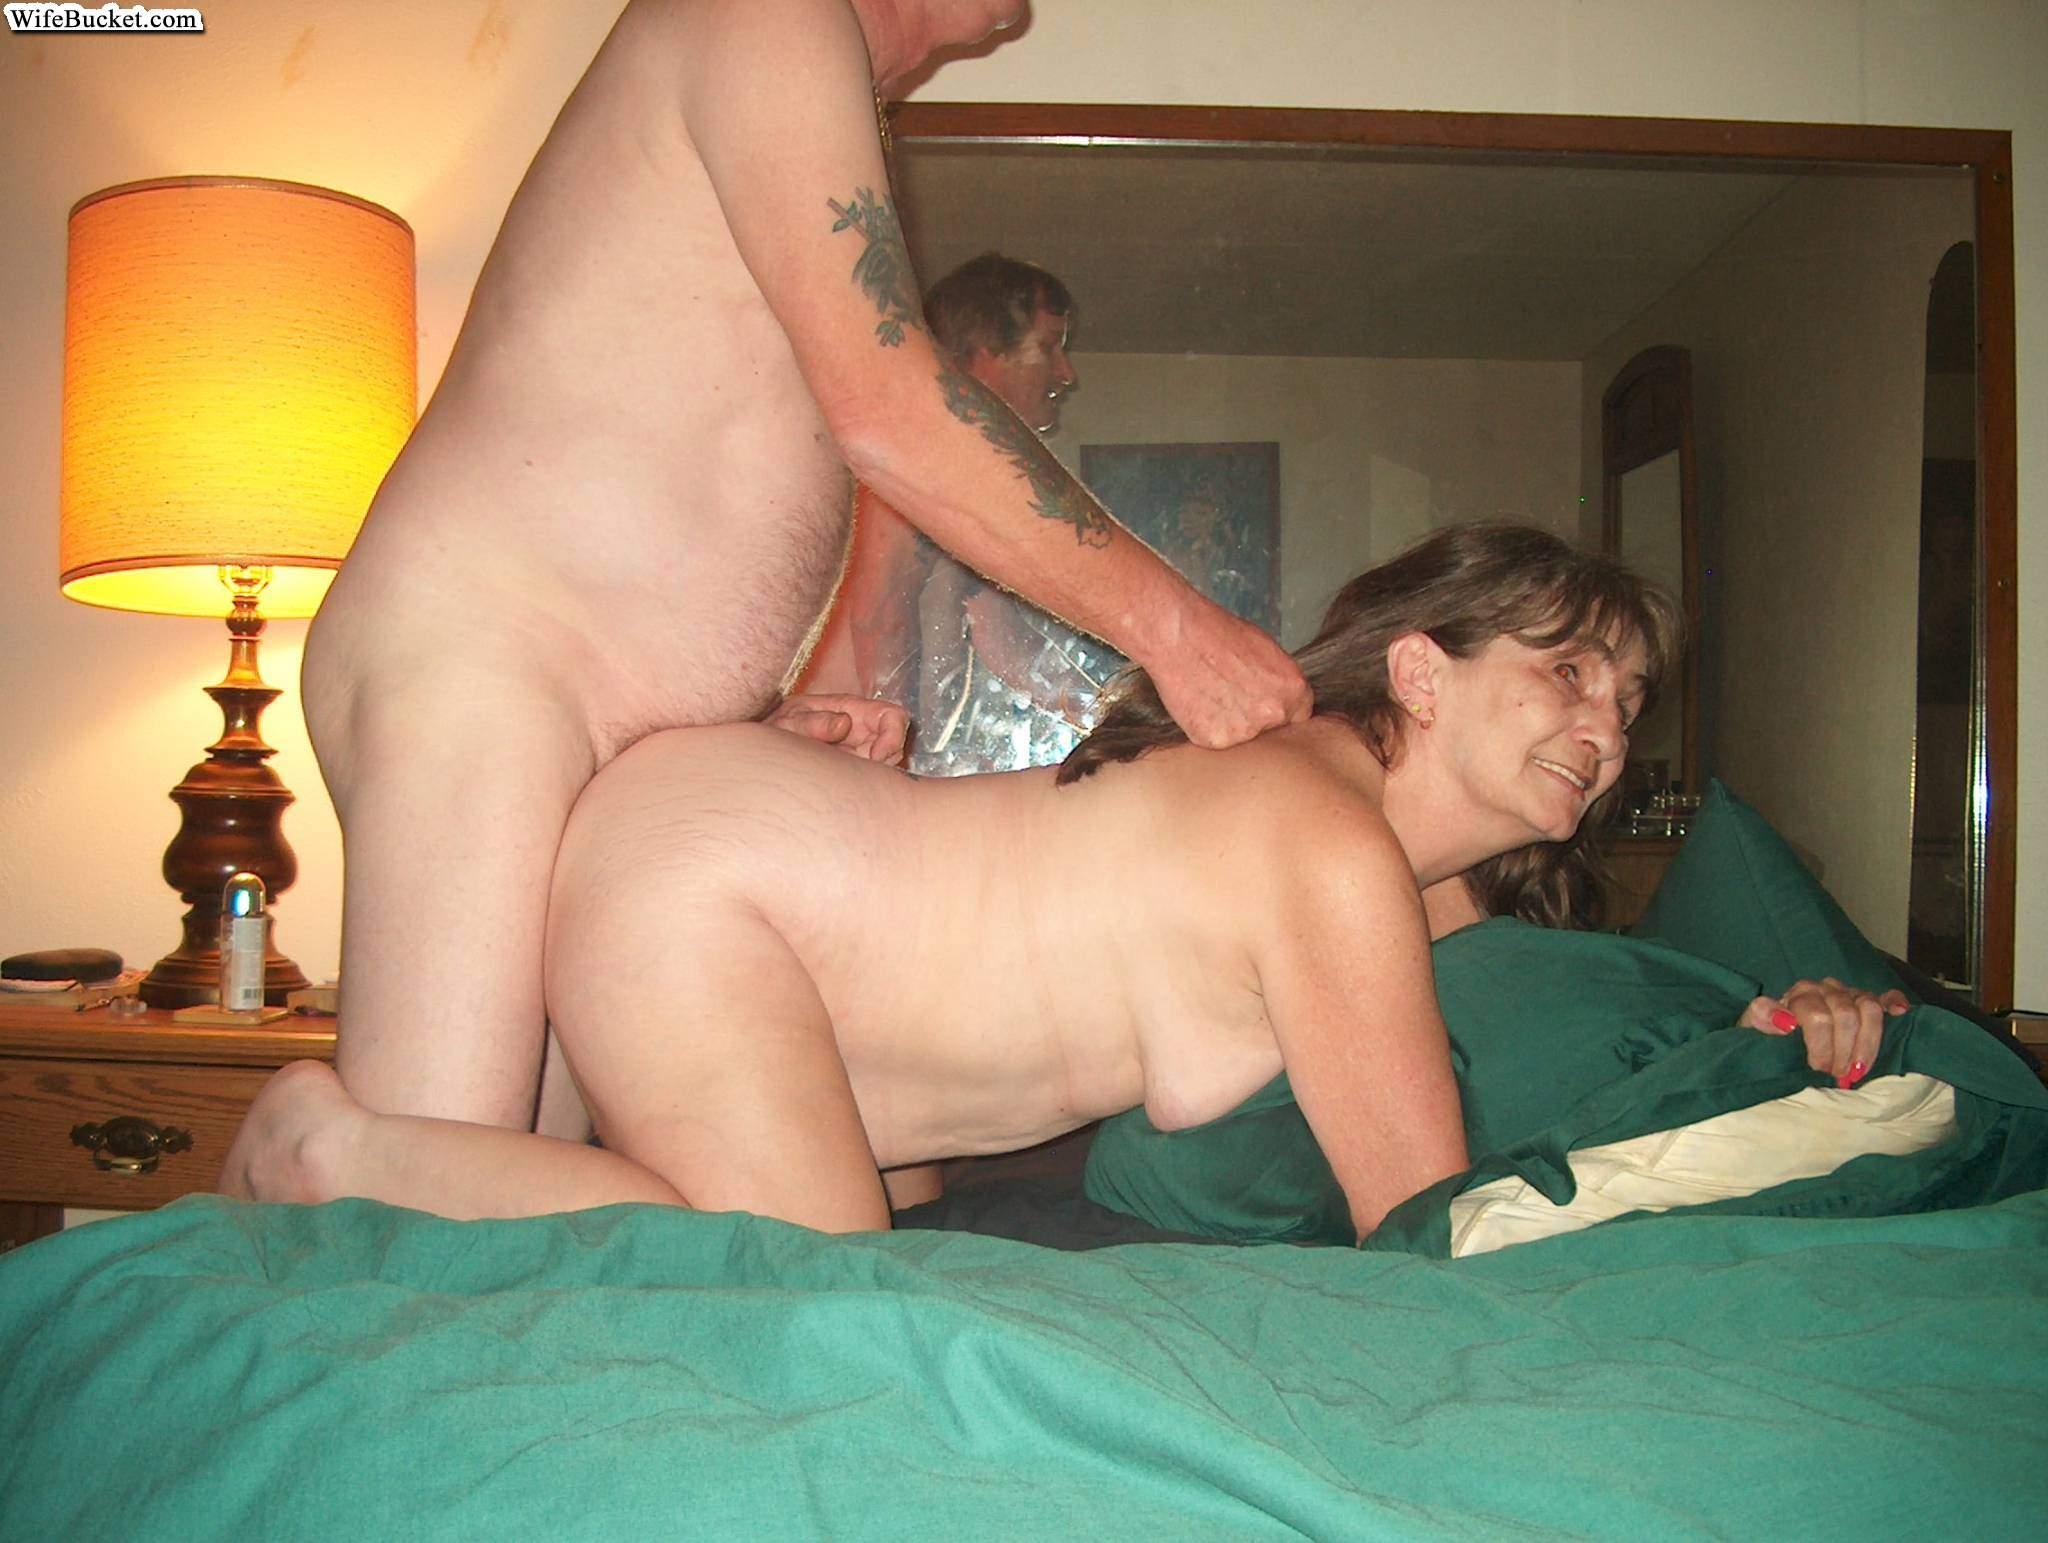 Фото порно пожилых женщин смотреть бесплатно 24 фотография